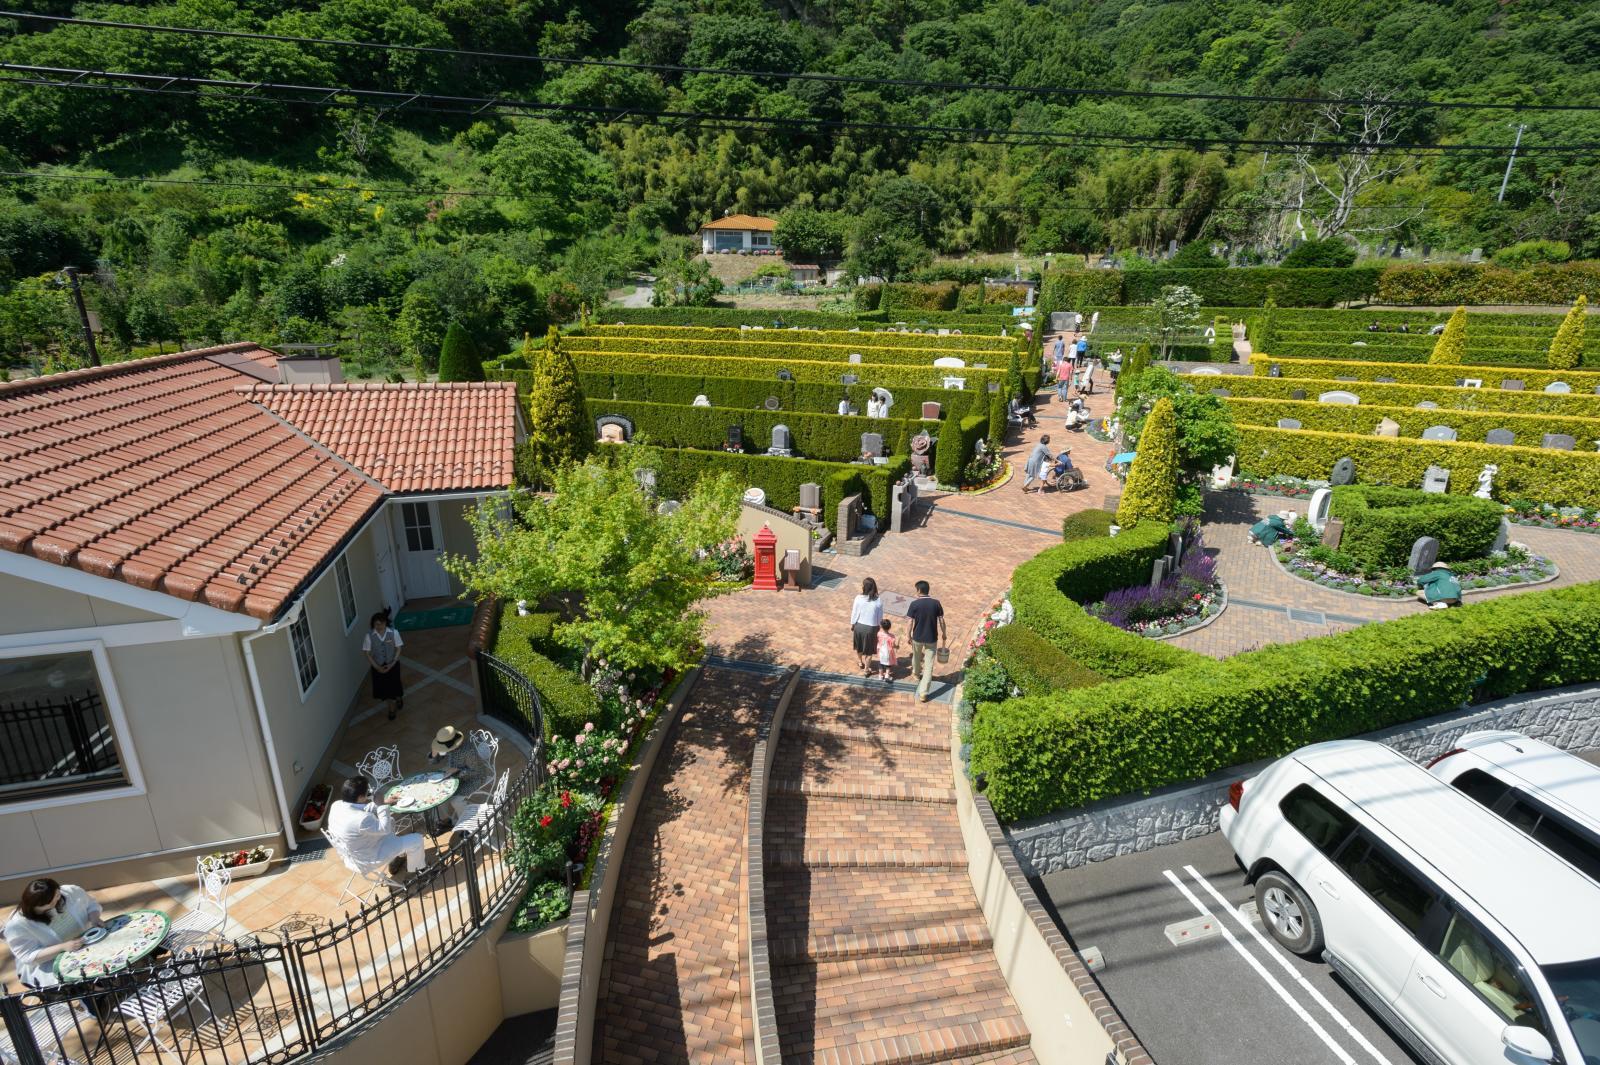 上田市の墓地園内